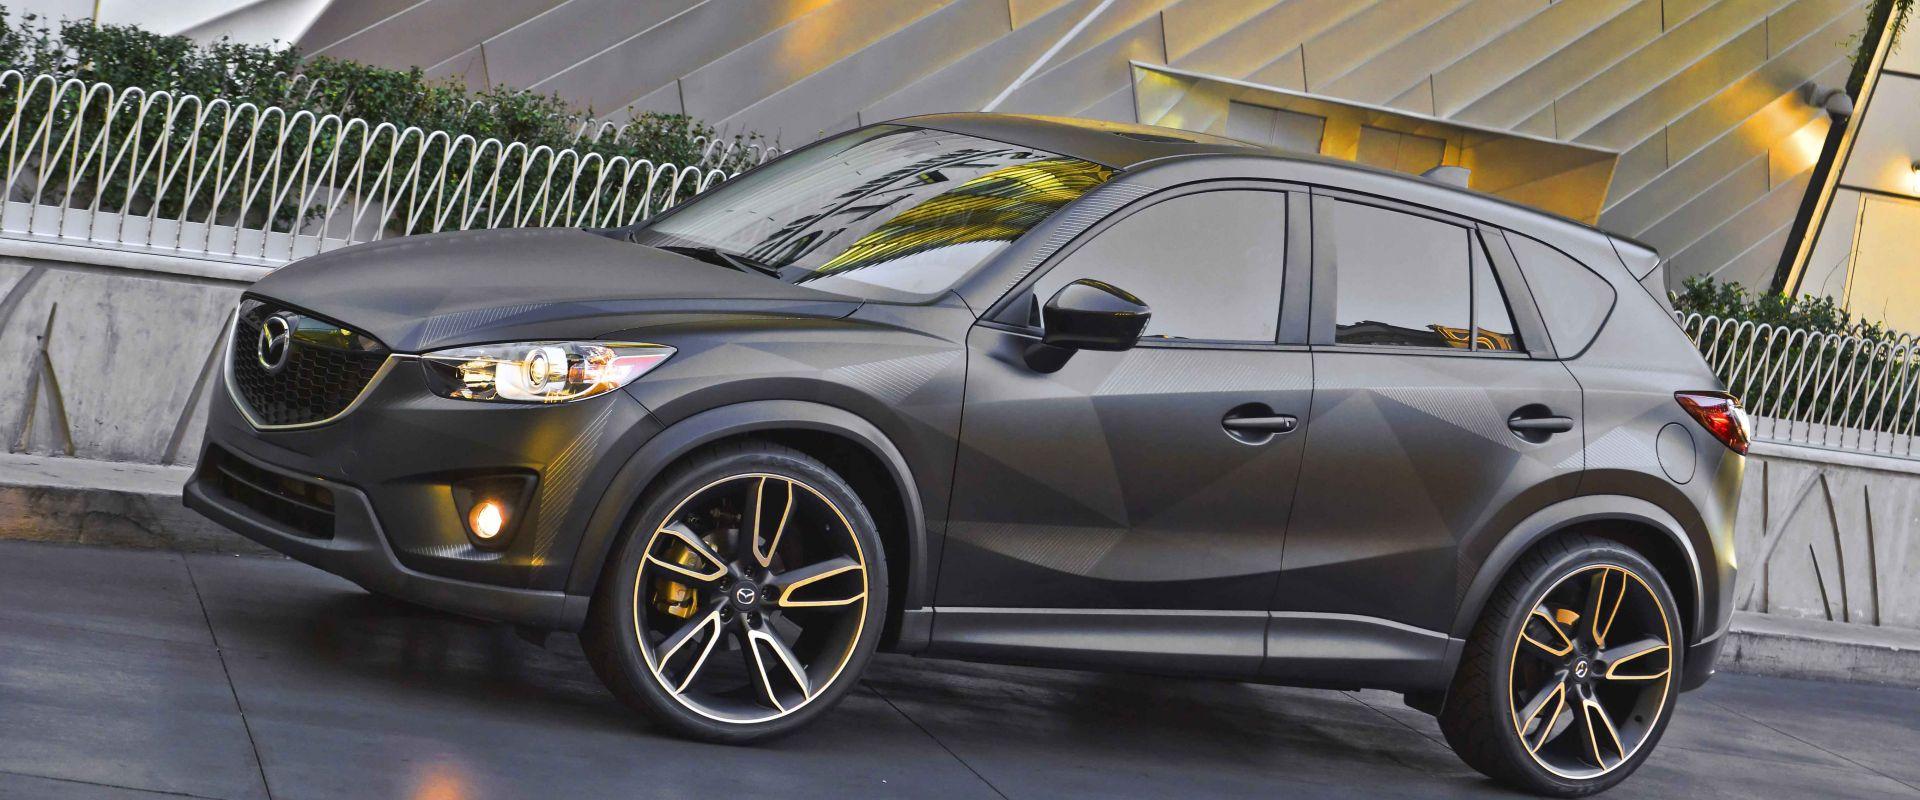 Автомобиль Mazda CX-5 серого цвета